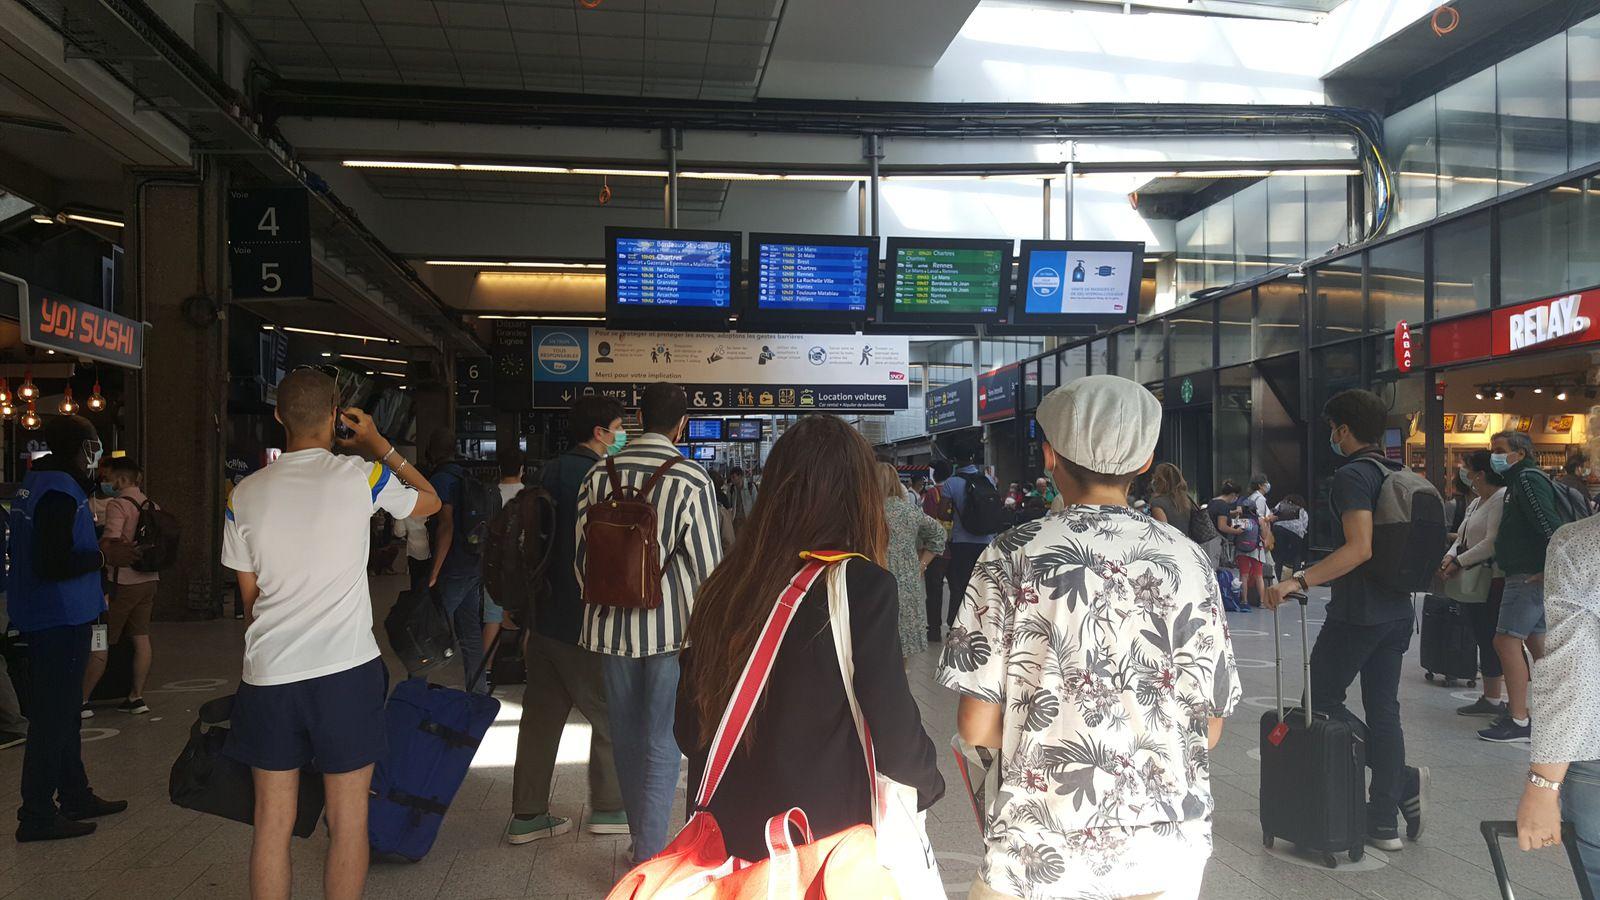 Paris Gare Montparnasse / Juin 2020 (cliquez sur la photo pour la voir en grand)